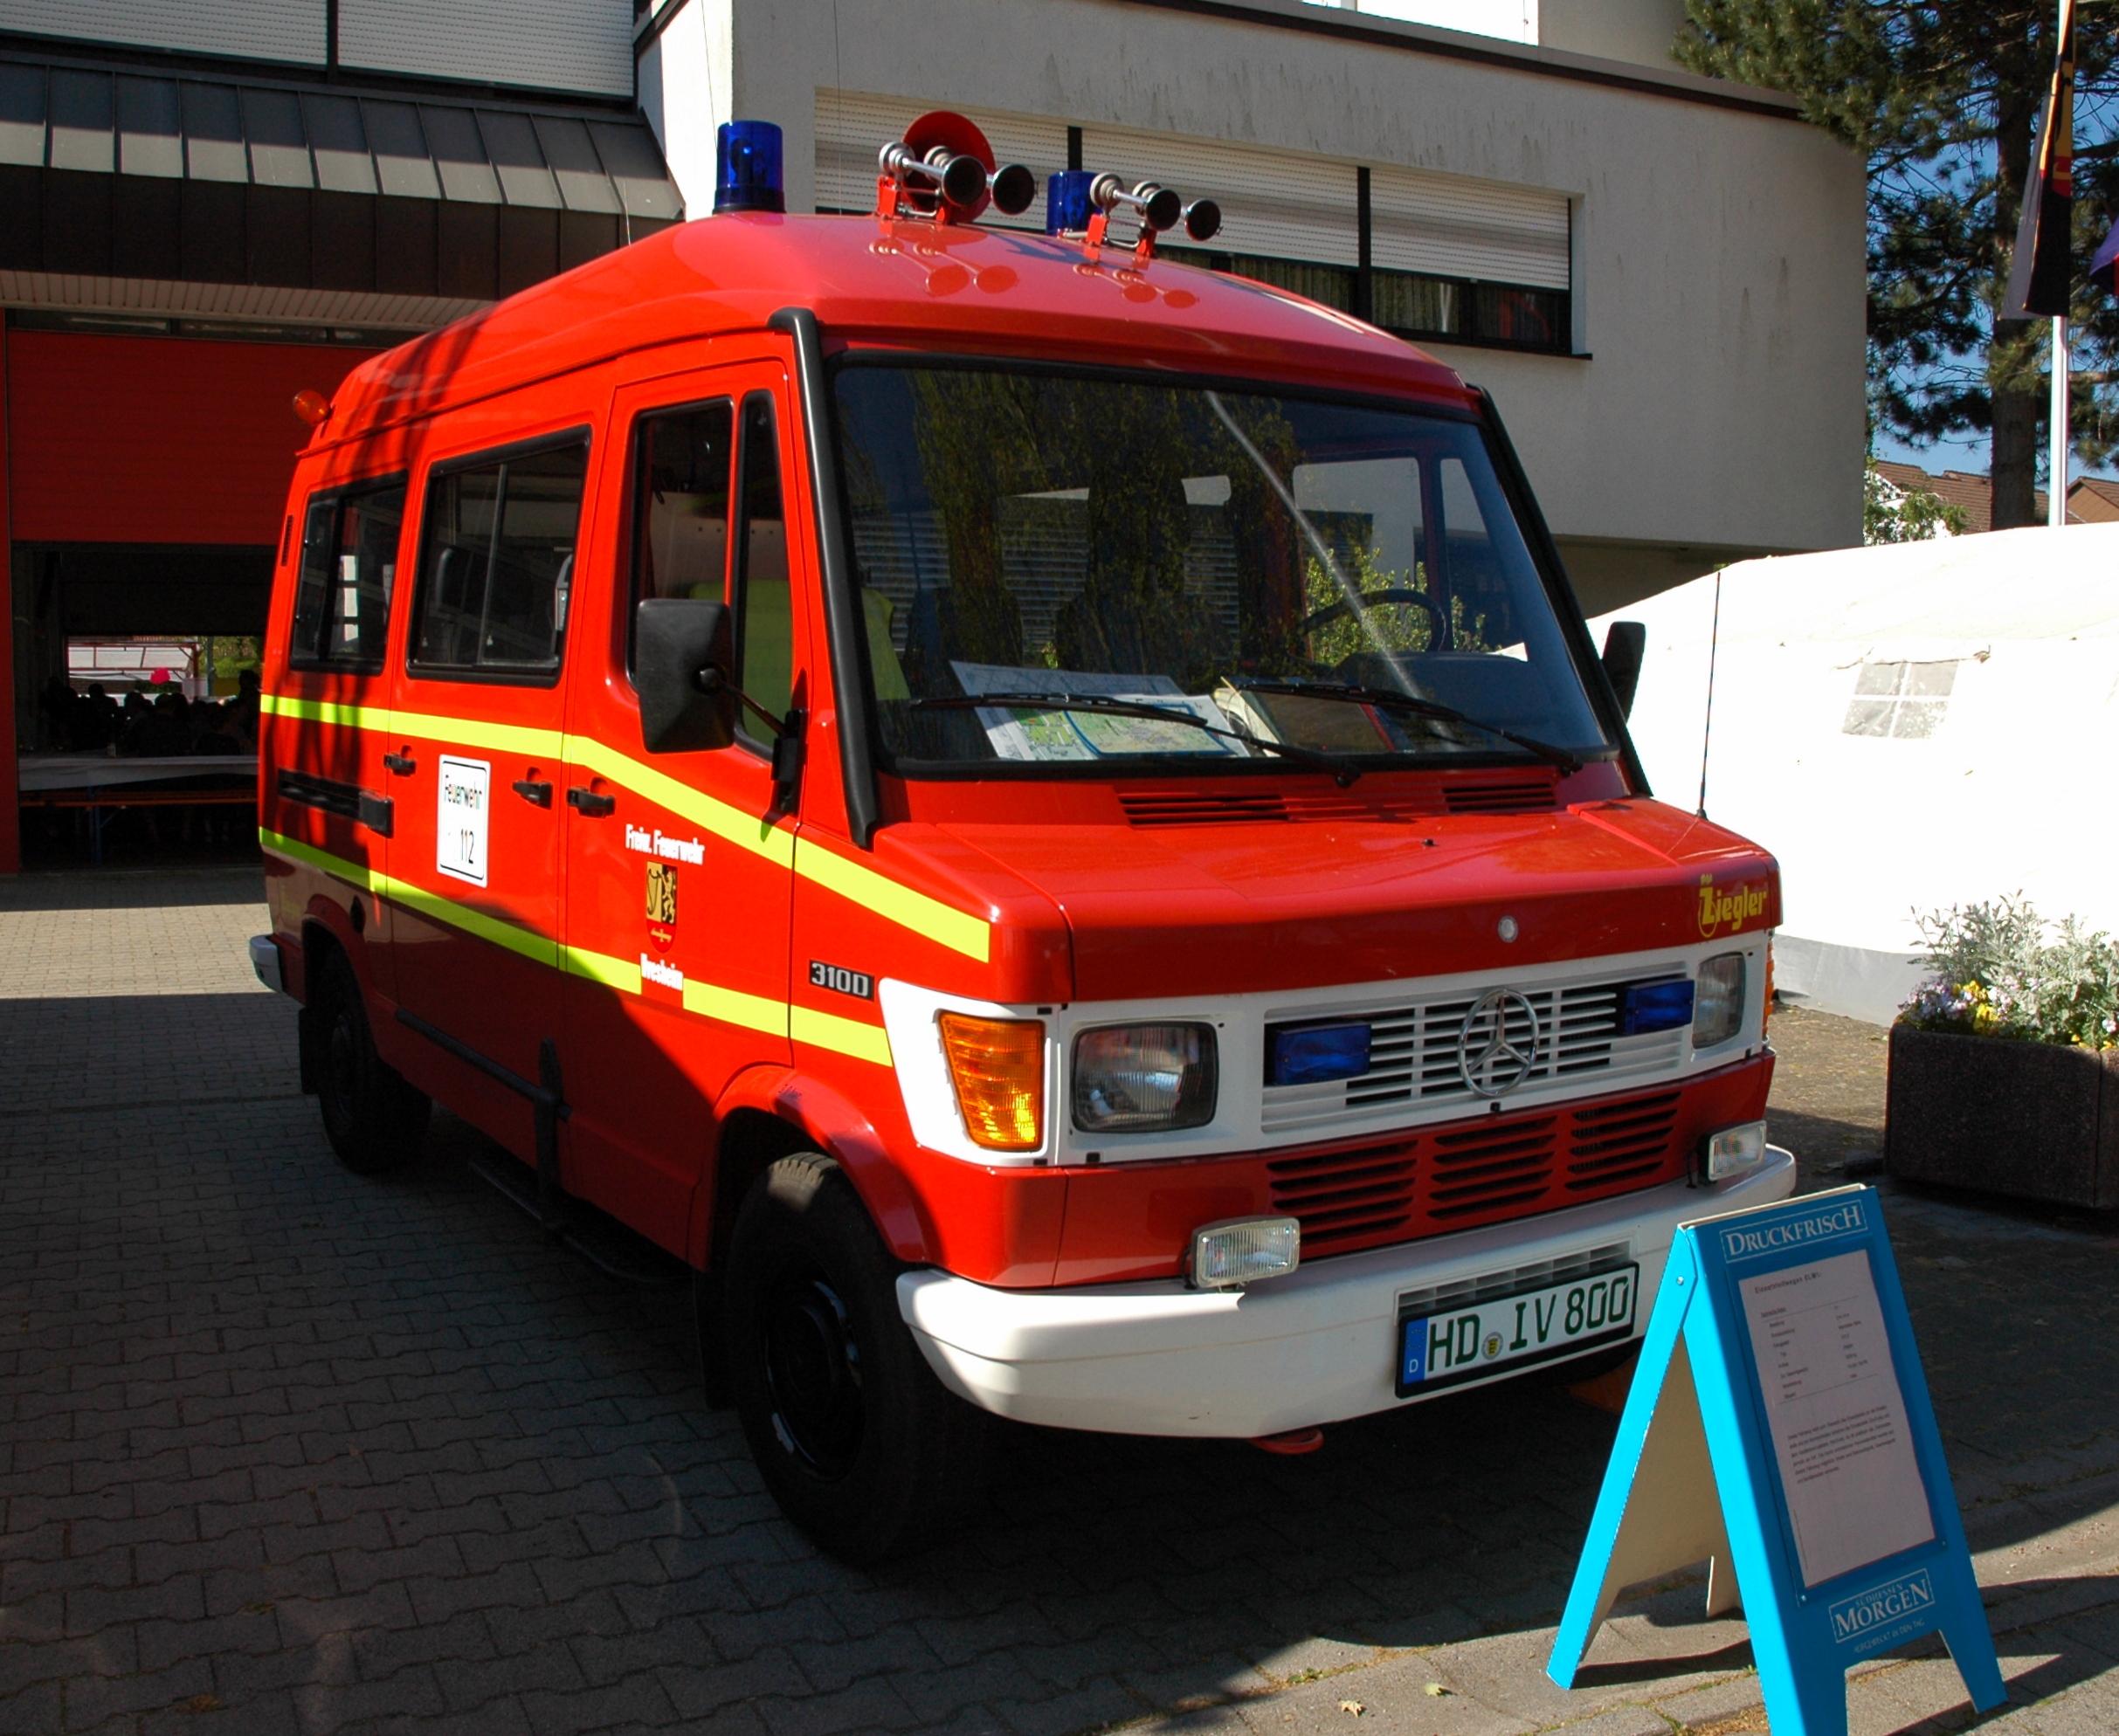 File Ilvesheim Feuerwehr Mercedes Benz 310 D Hd Iv 800 2016 05 08 16 47 15 Jpg